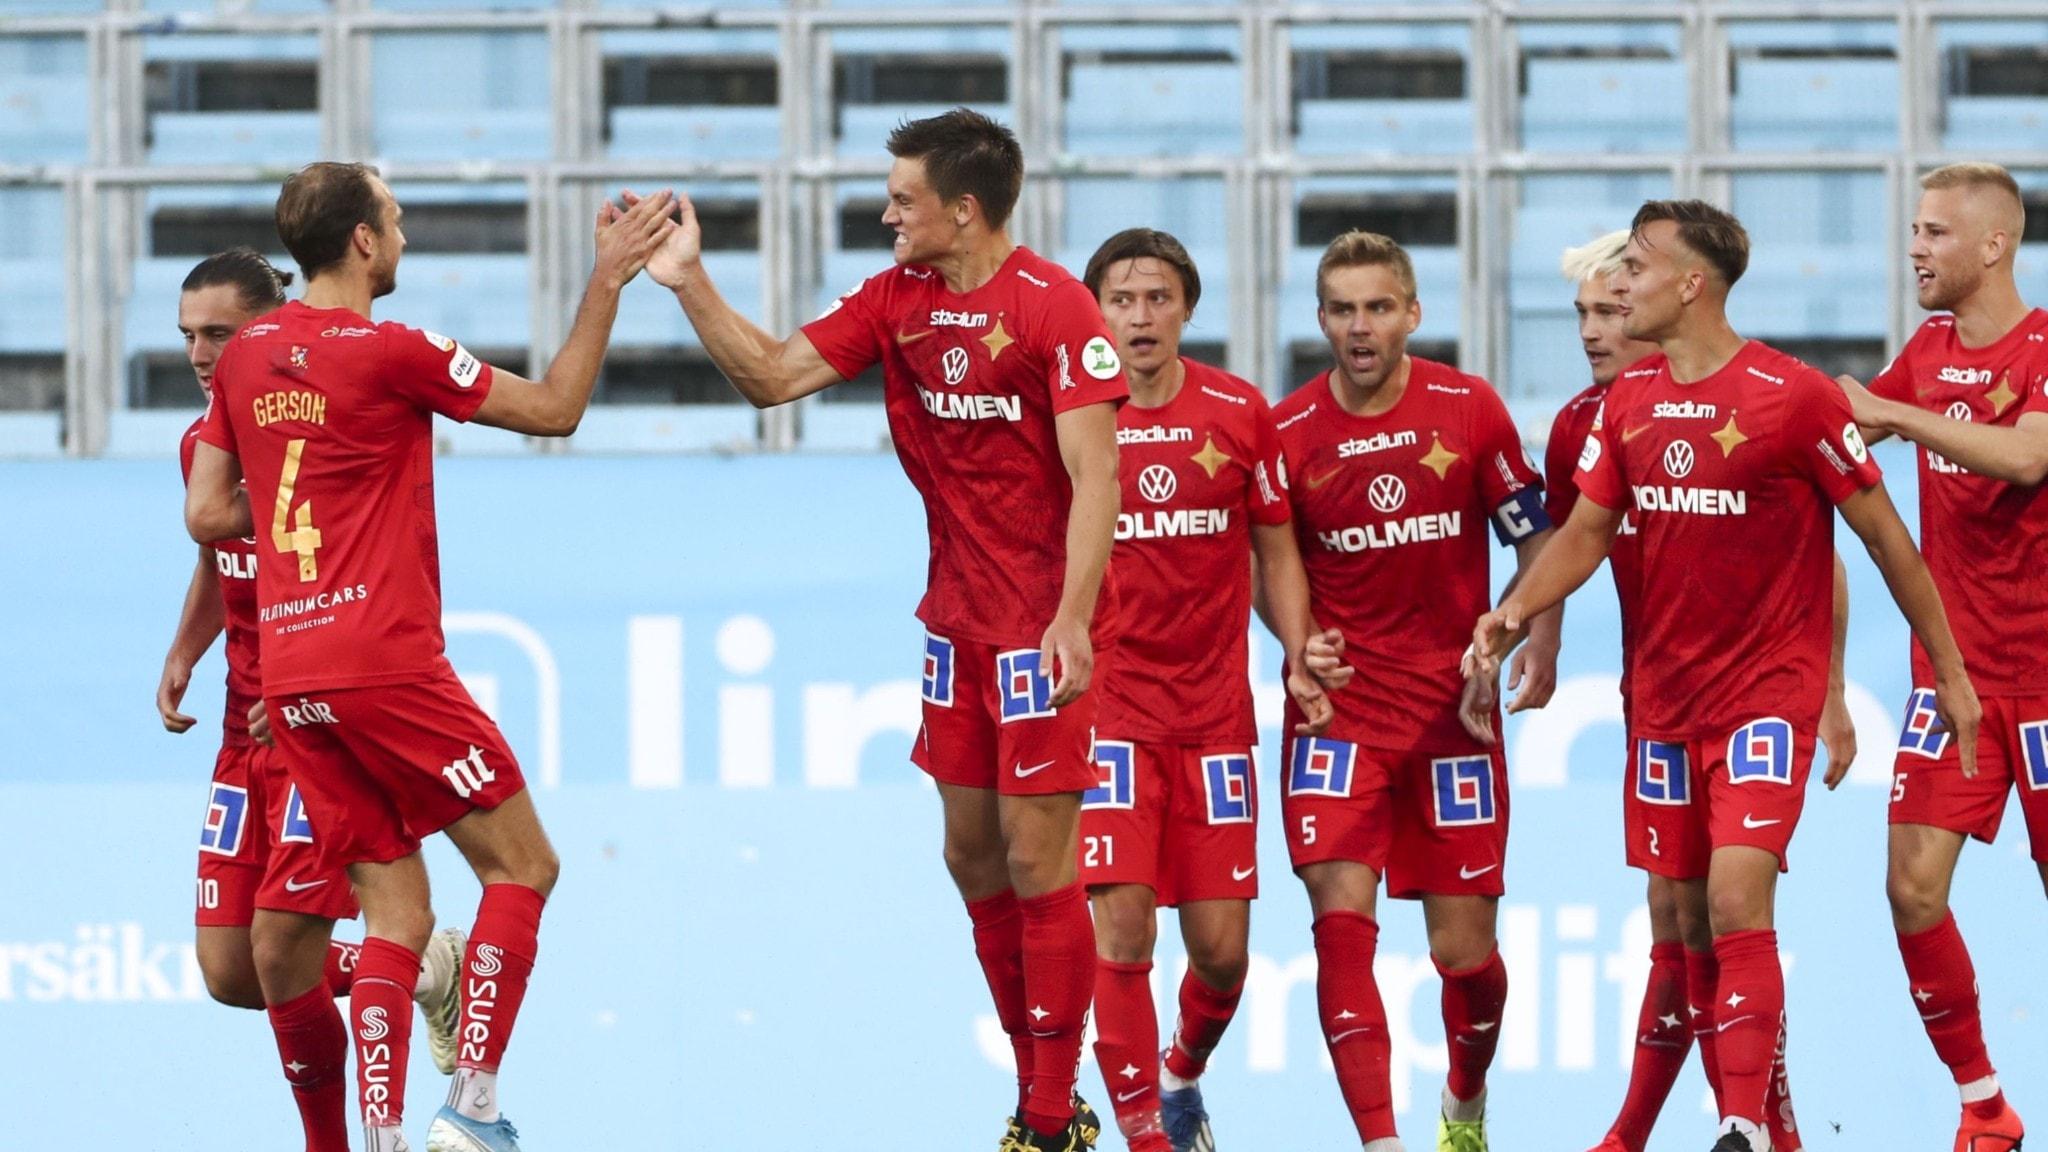 Norrköping spelade lika efter dramatiskt slut